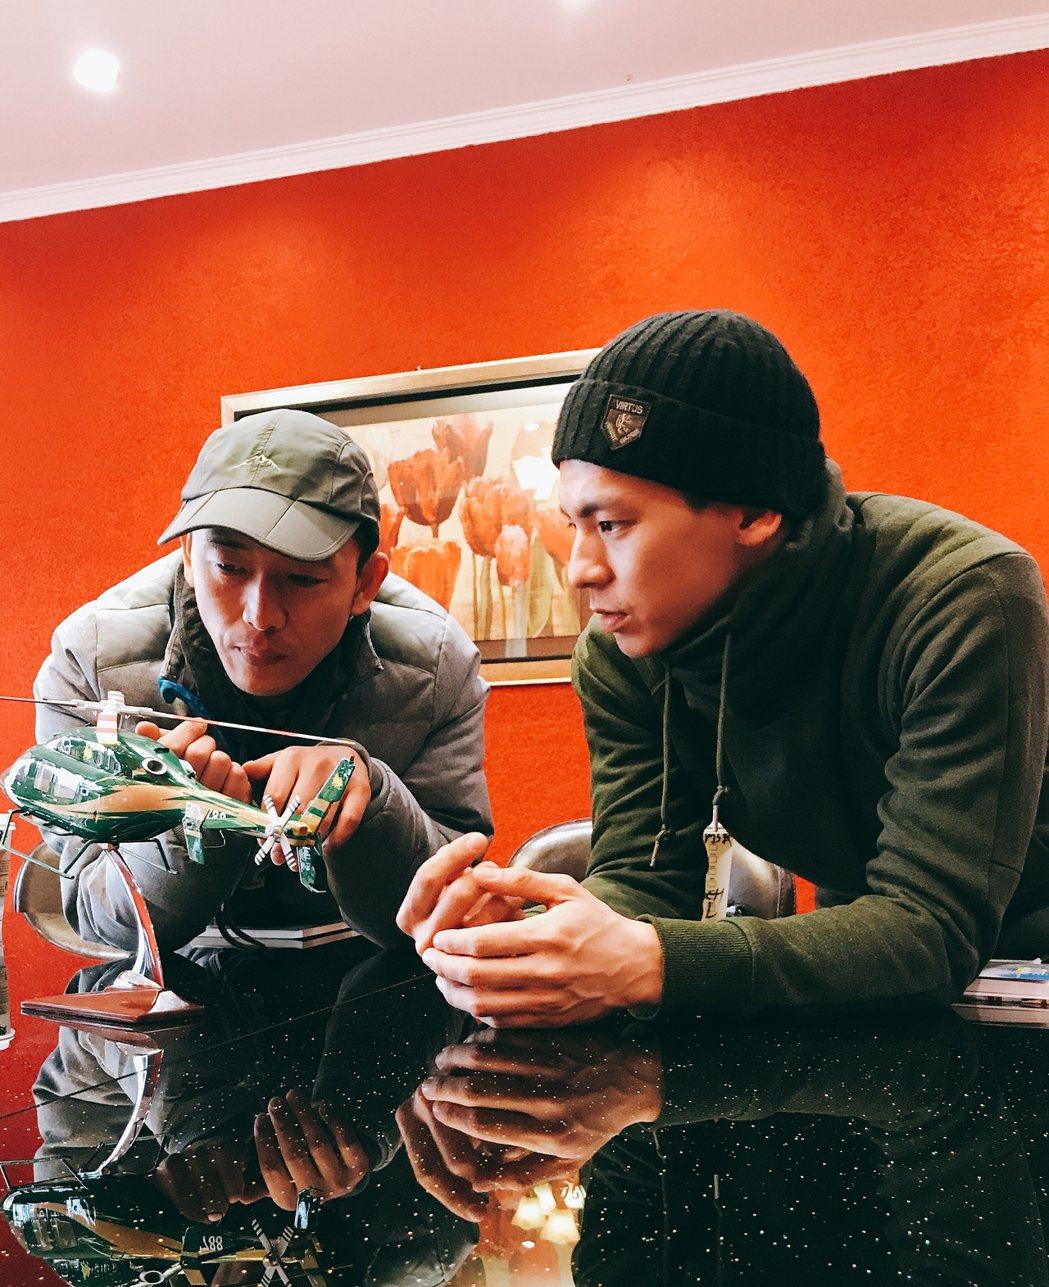 林柏宏(右)向專業直升機教練詢問請教。圖/周子娛樂提供